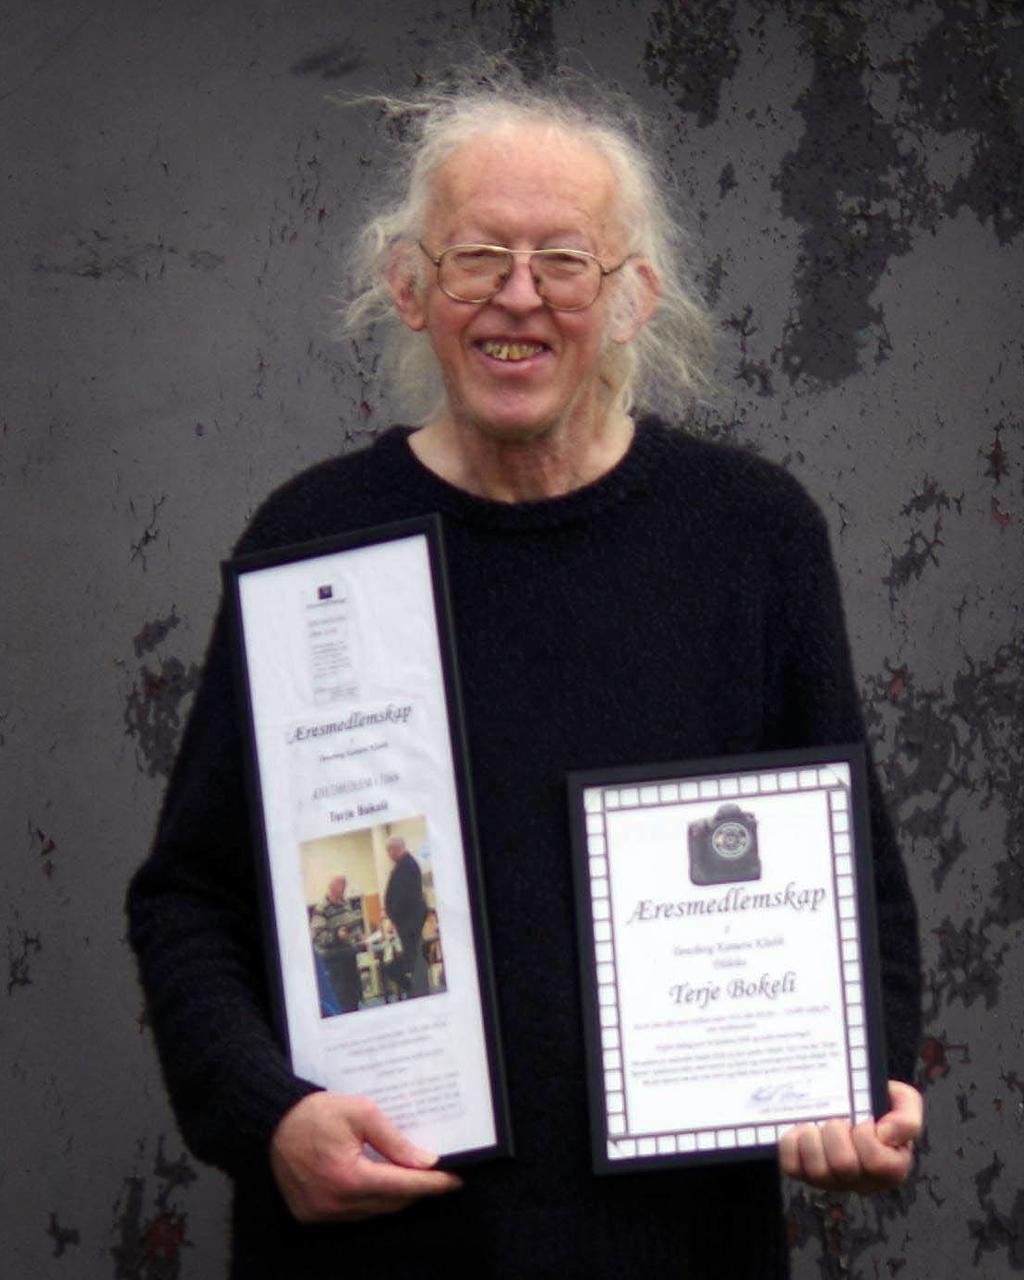 Terje Bokeli, æresmedlem Tønsberg Kamera Klubb (foto: Knut Erik Skréi)